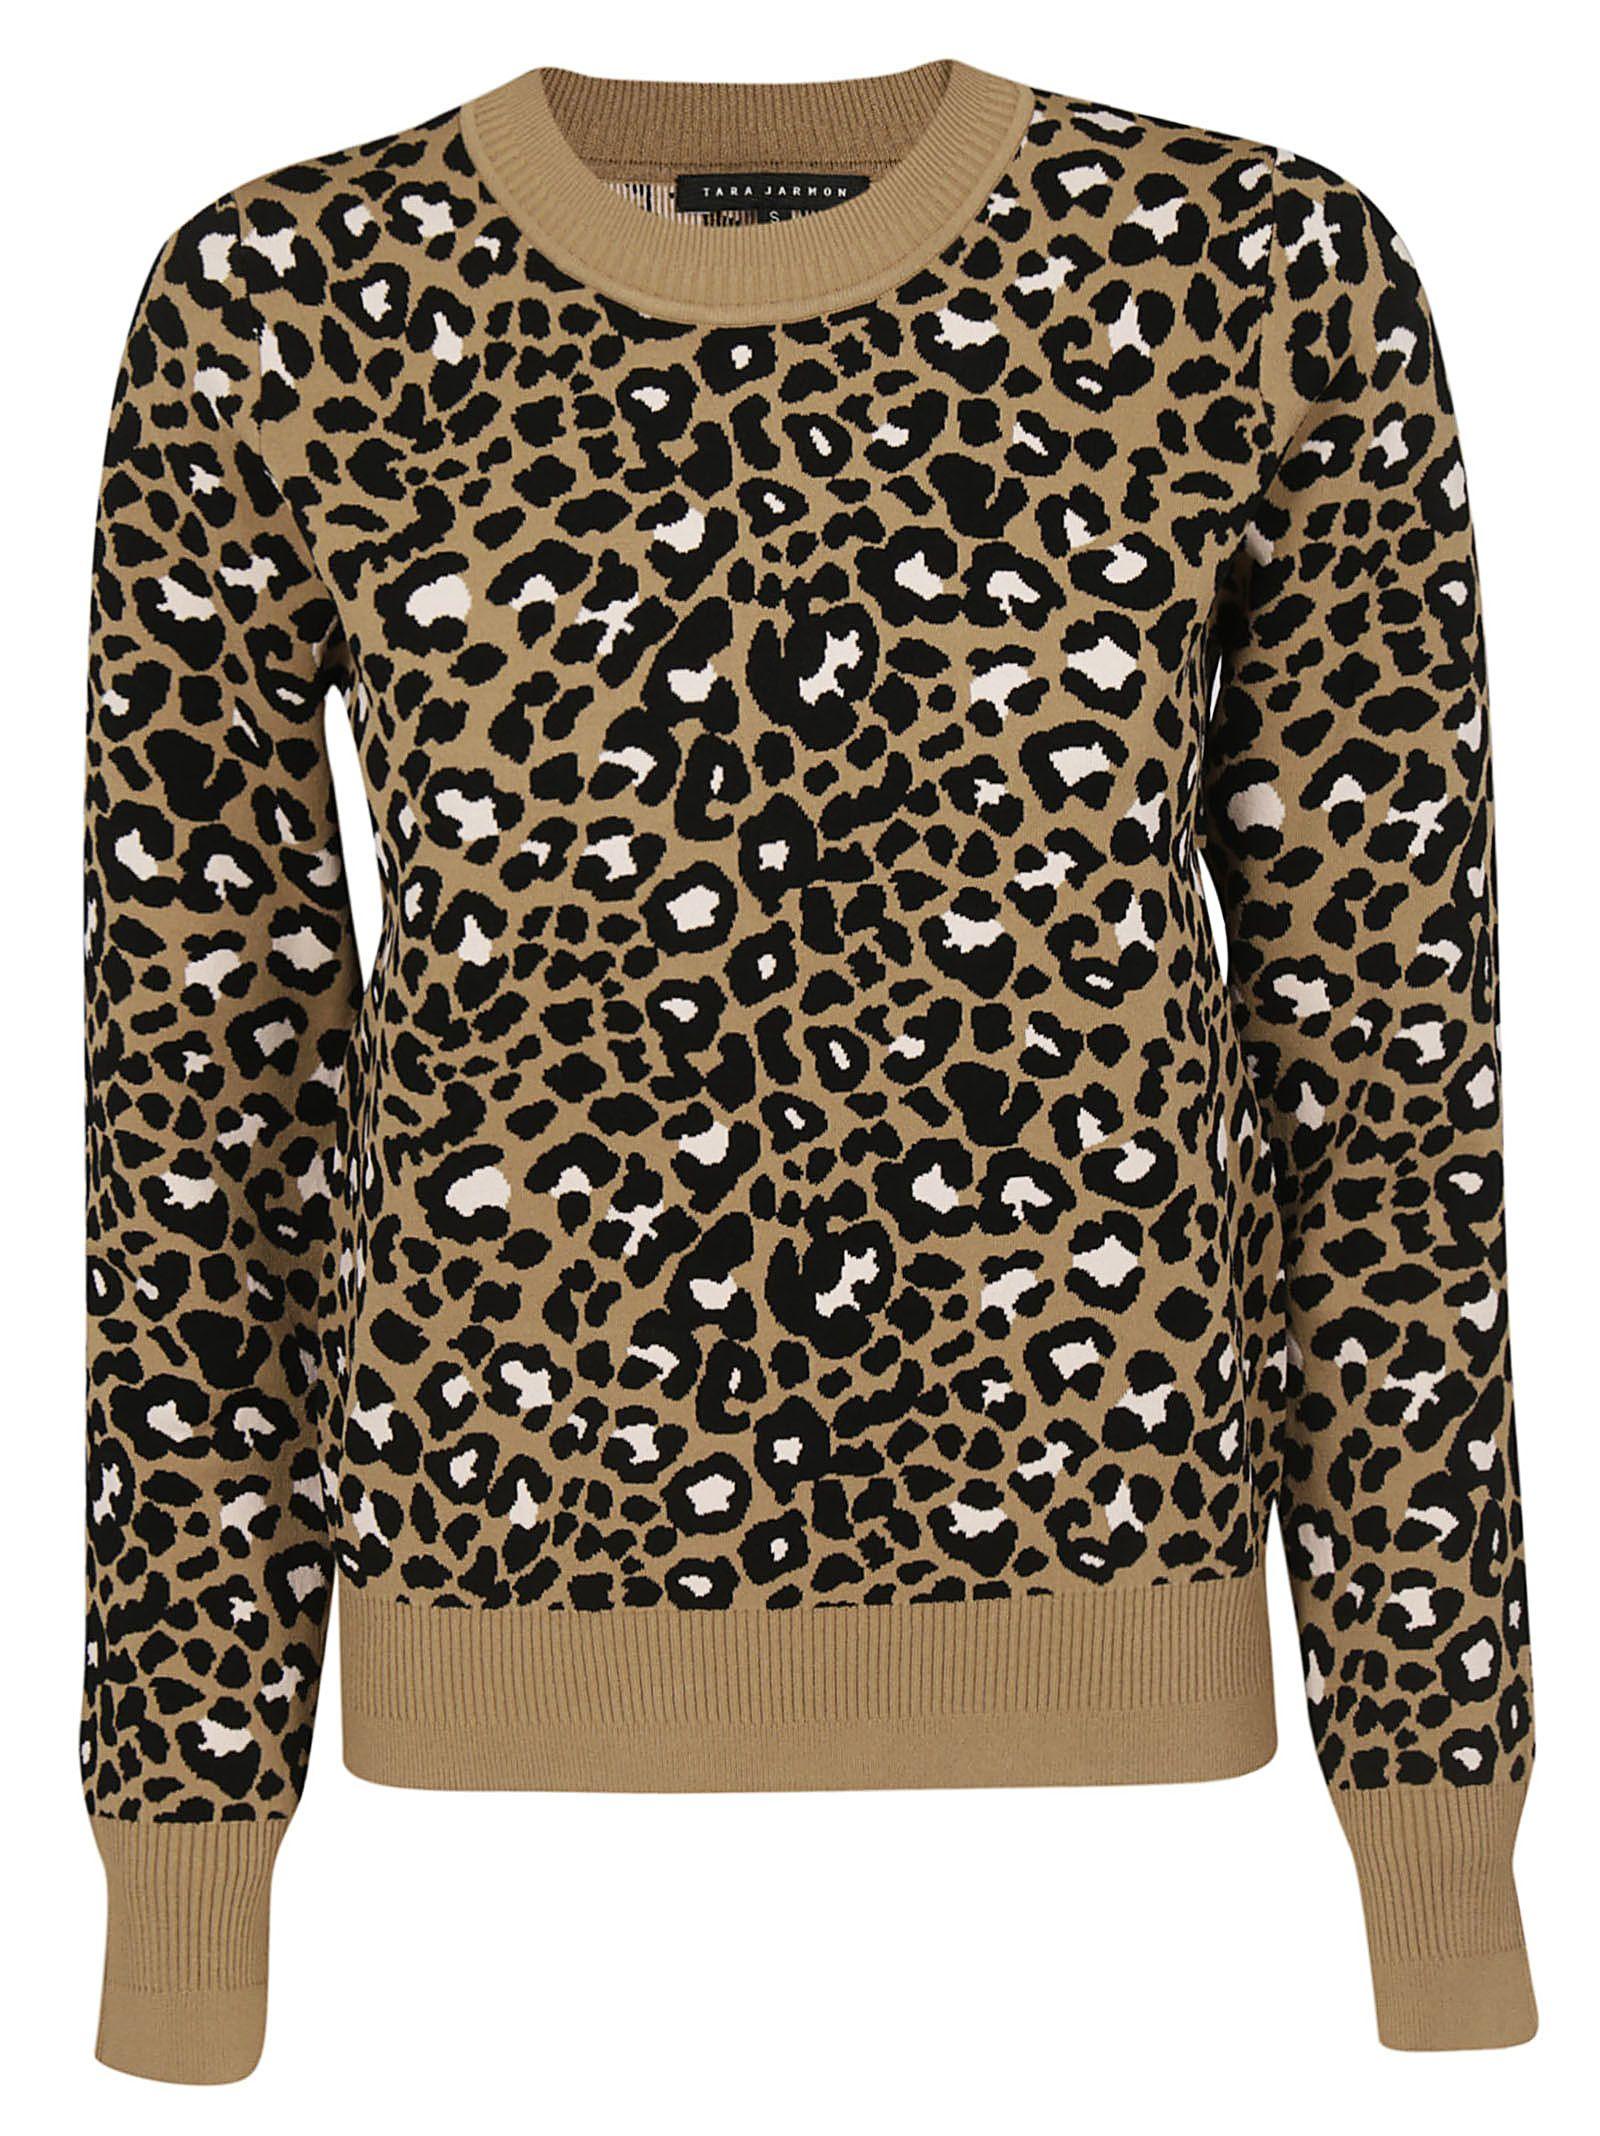 Tara Jarmon Leopard Print Sweater